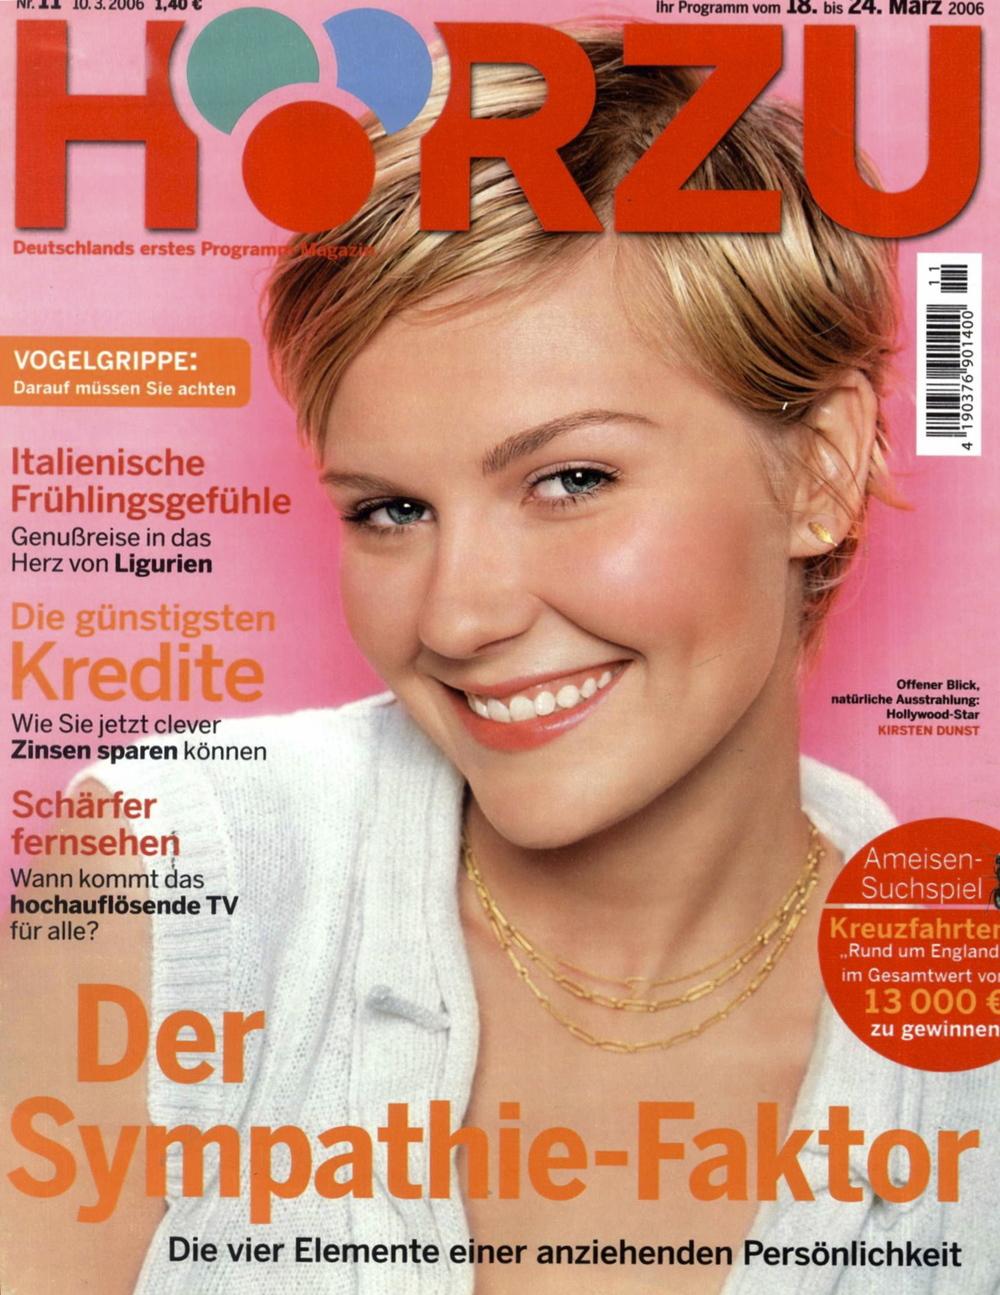 HZ_10.3.2006_Cover.jpg